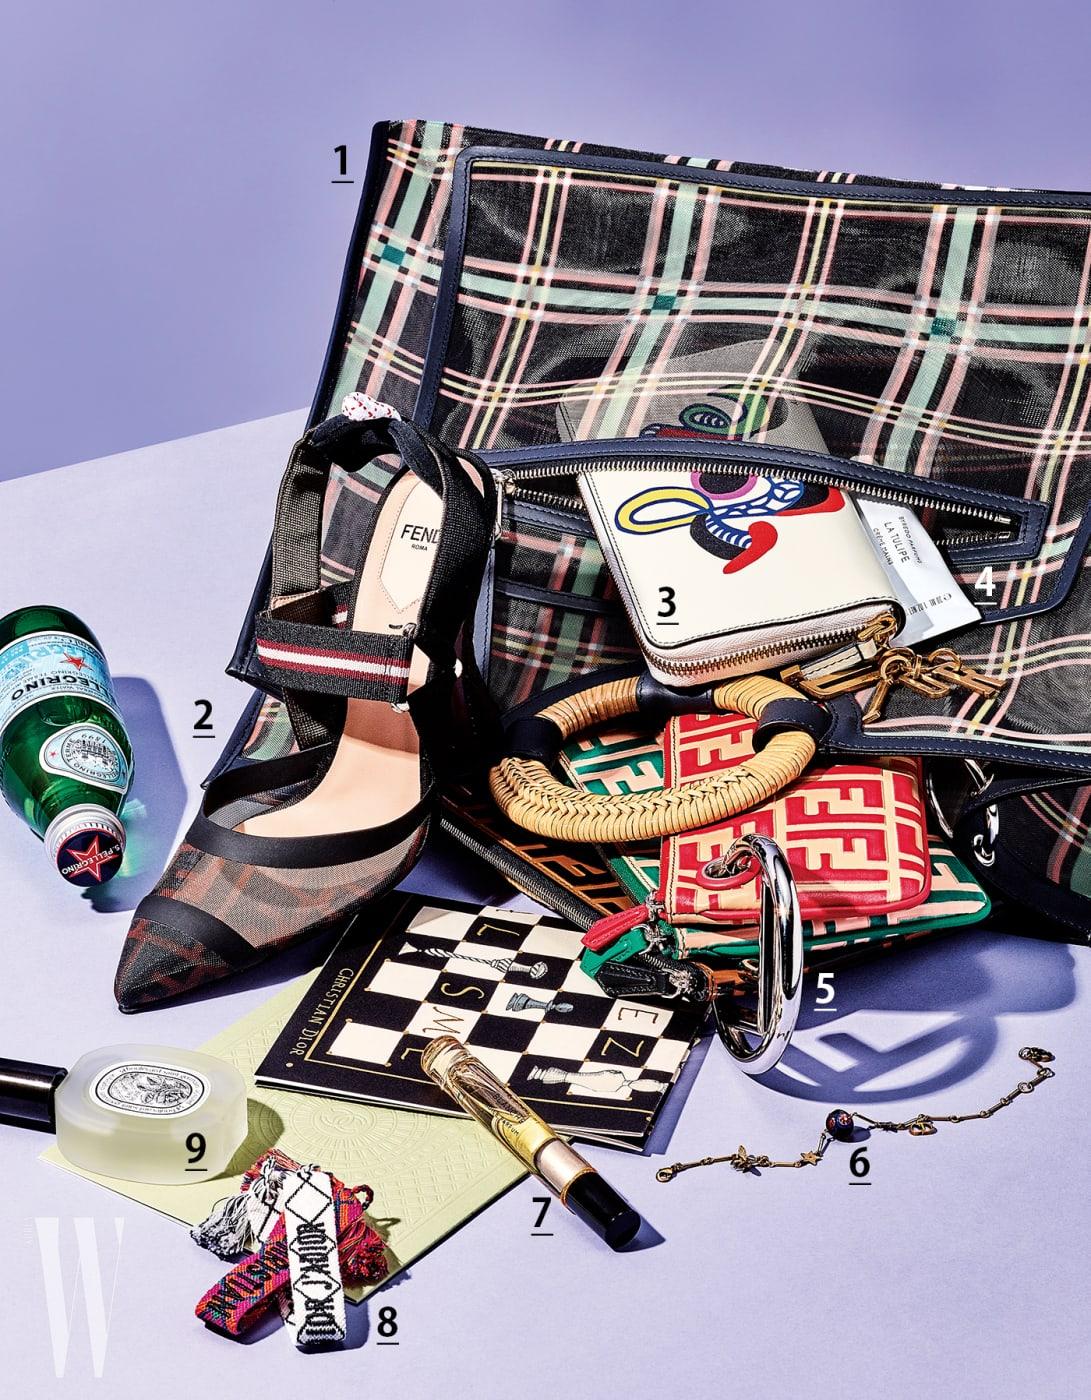 1. 그래픽 프린트의 시스루 메시 소재 빅 백은 Fendi 제품. 2. 스포티한 가죽 밴딩 장식을 더한 메시 소재 샌들은 Fendi 제품. 3. 아티스트의 터치를 더한 프린트가 돋보이는 지갑은 Dior 제품. 4. 가볍고 촉촉한 텍스처와 꽃향기가 특징인 라 튤라 핸드크림은 Byredo 제품. 5. 세 개의 더블 F 로고 장식 파우치가 달린 멀티 백은 Fendi 제품. 6. 시그너처 로고와 별 장식의 팔찌는 Dior 제품. 7. 로즈로 시작해 머스크로 마무리되는 세련된 향기의 블랑쉬 퍼퓸 오일은 Byredo 제품. 8. 술 장식의 팔찌는 Dior 제품. 9. 카멜리아 오일을 담은 헤어 미스트 오 로즈는 Diptyque 제품.